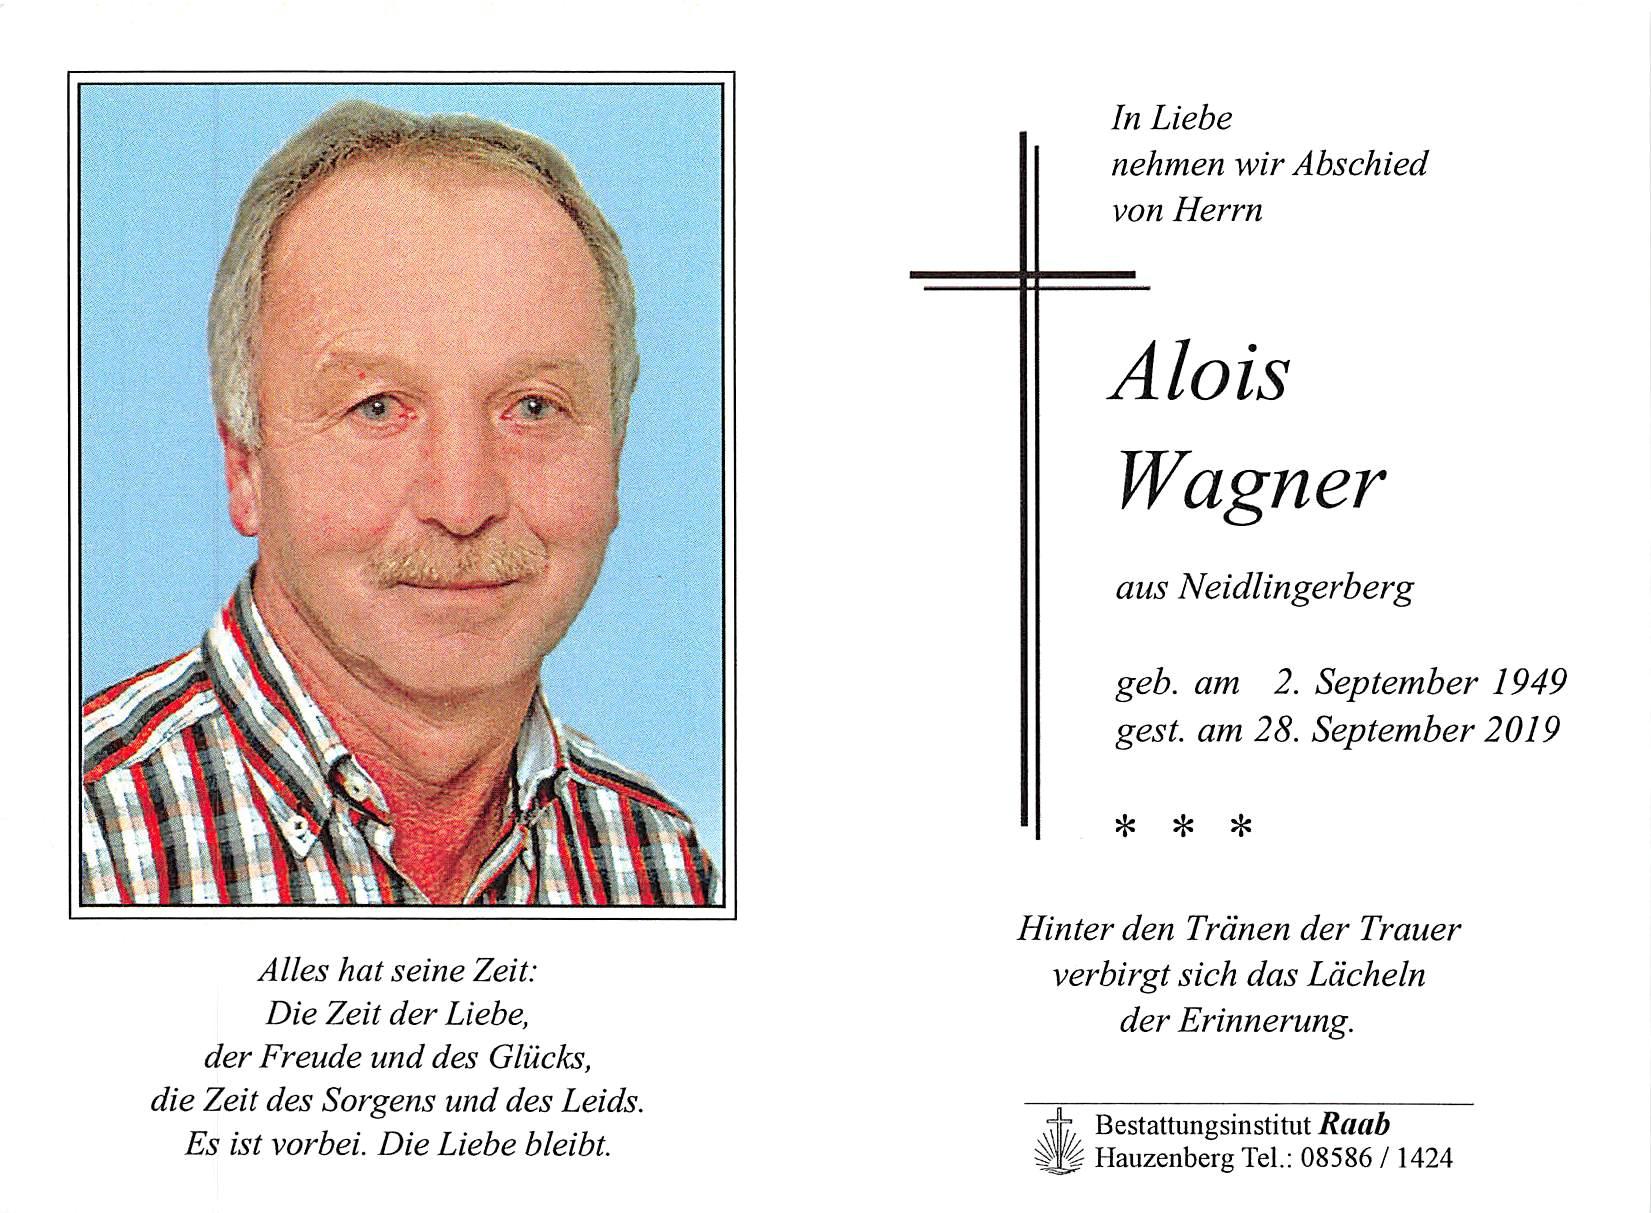 2019-09-28-Wagner-Alois-Neidlingerber-Steinhauer